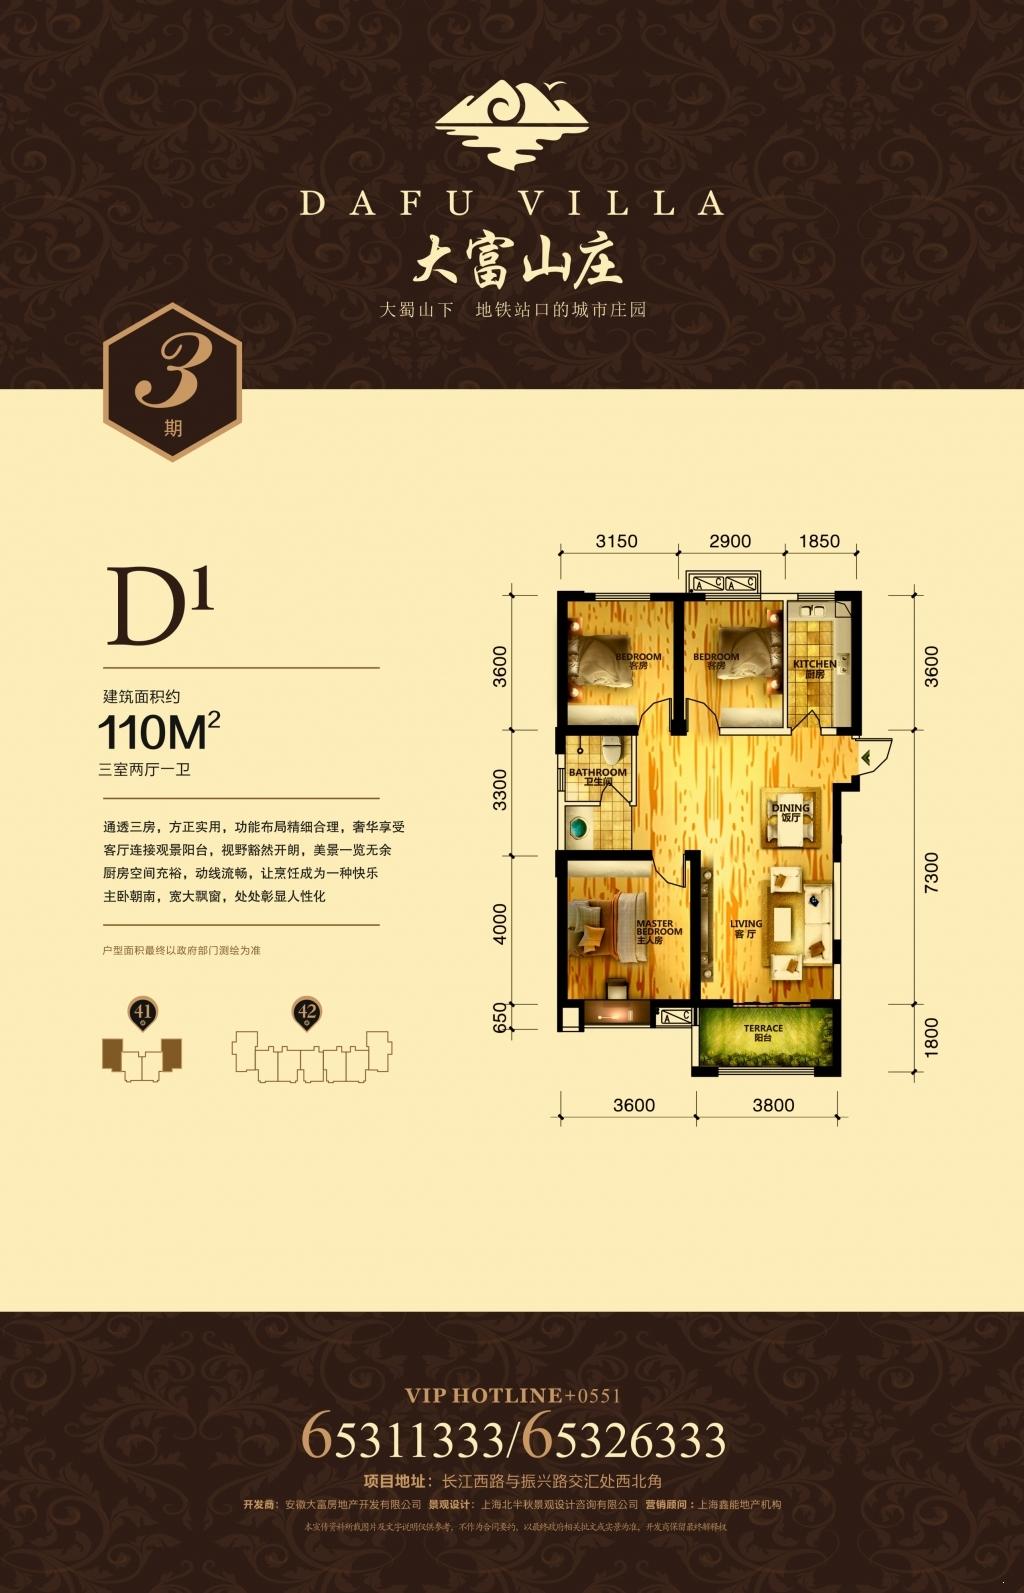 大富山庄D1